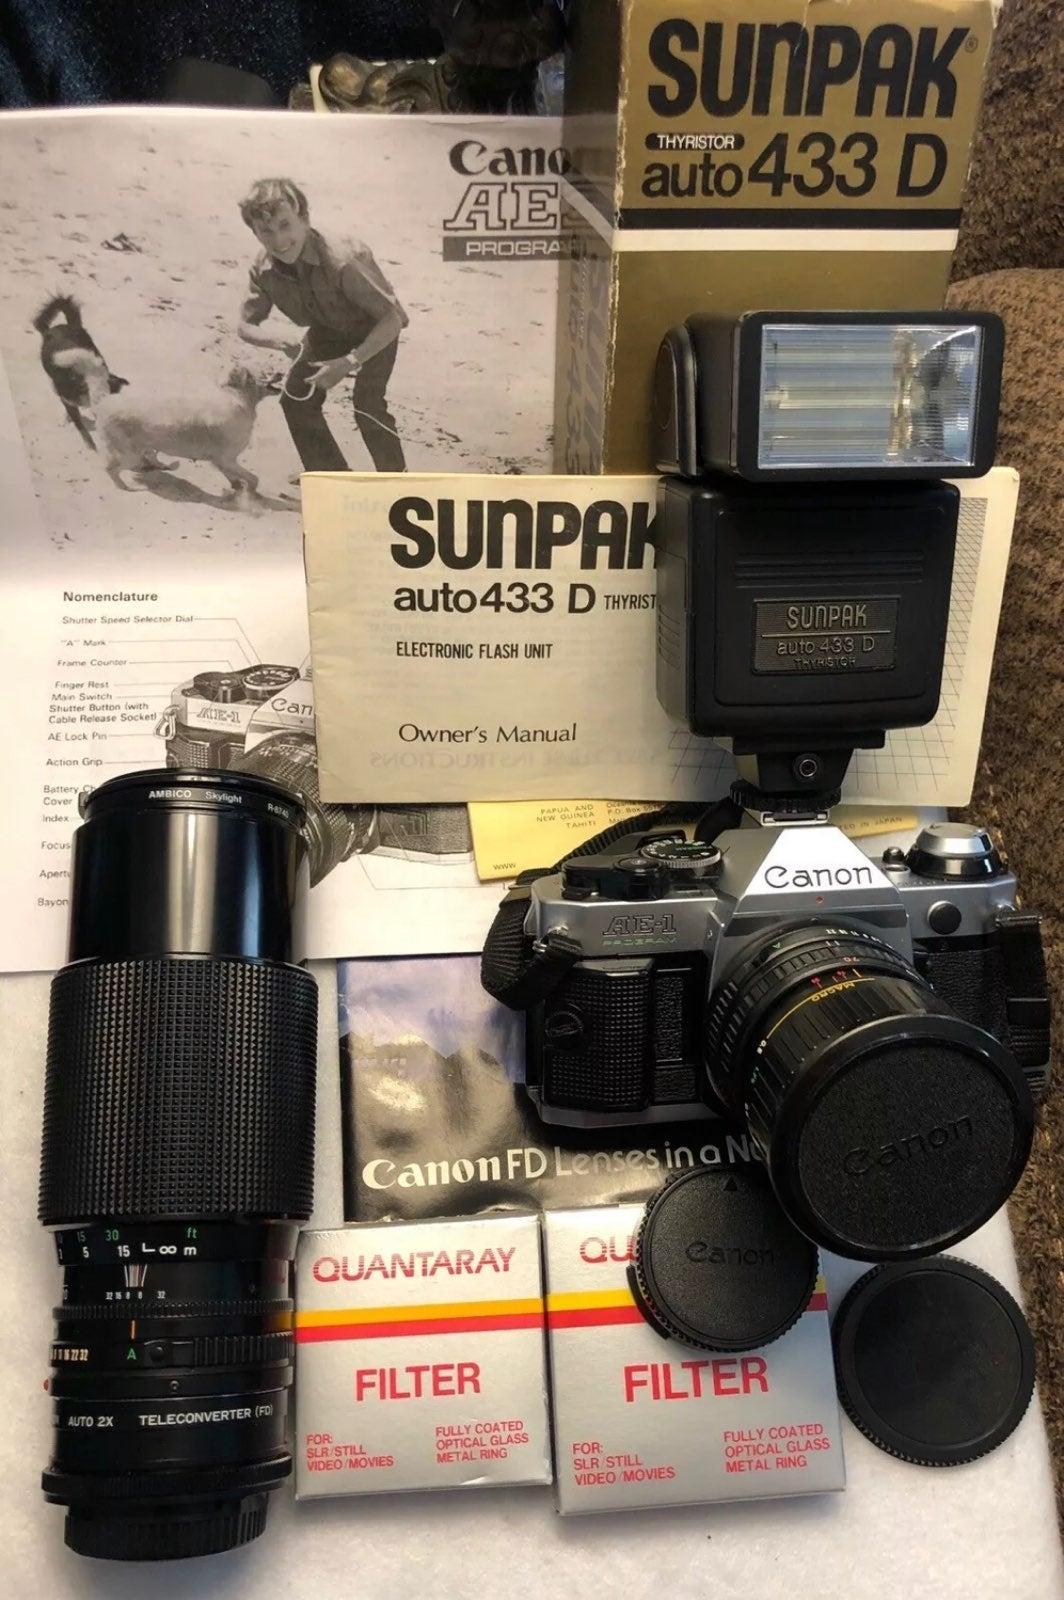 CANON AE-1 PROGRAM 35mm SLR Camera +XTRA